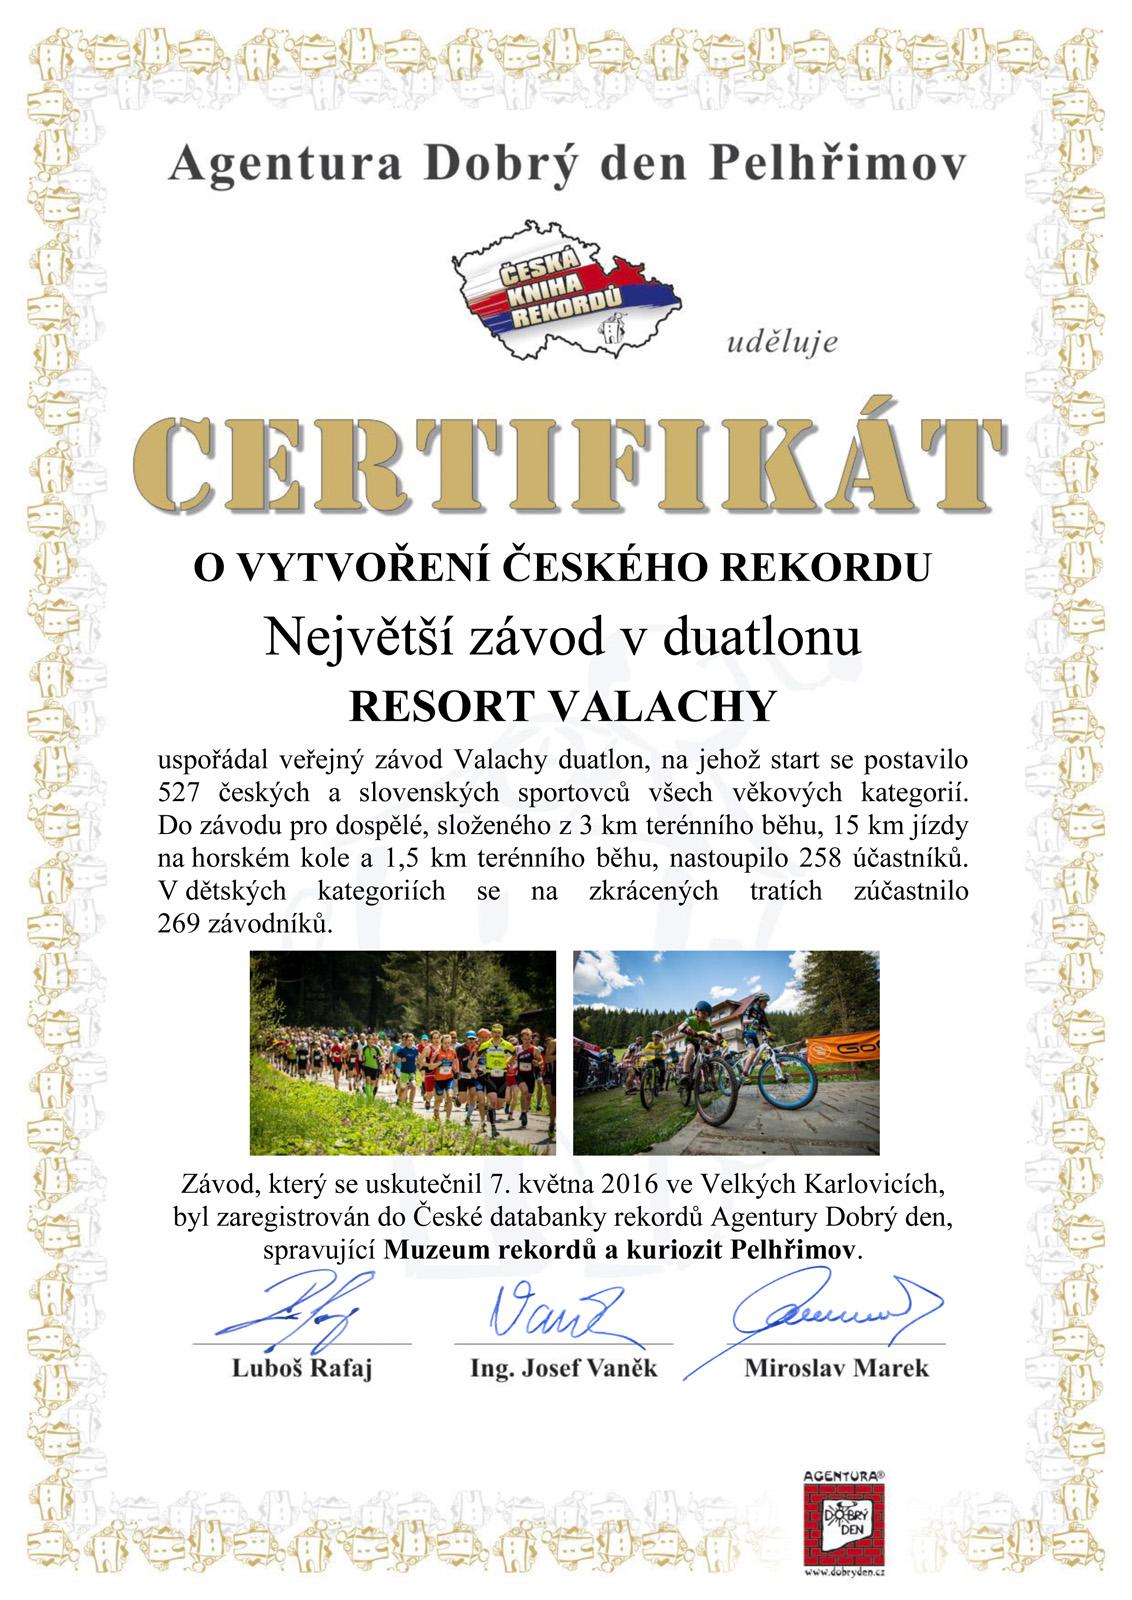 Certifikát o vytvoření českého rekordu